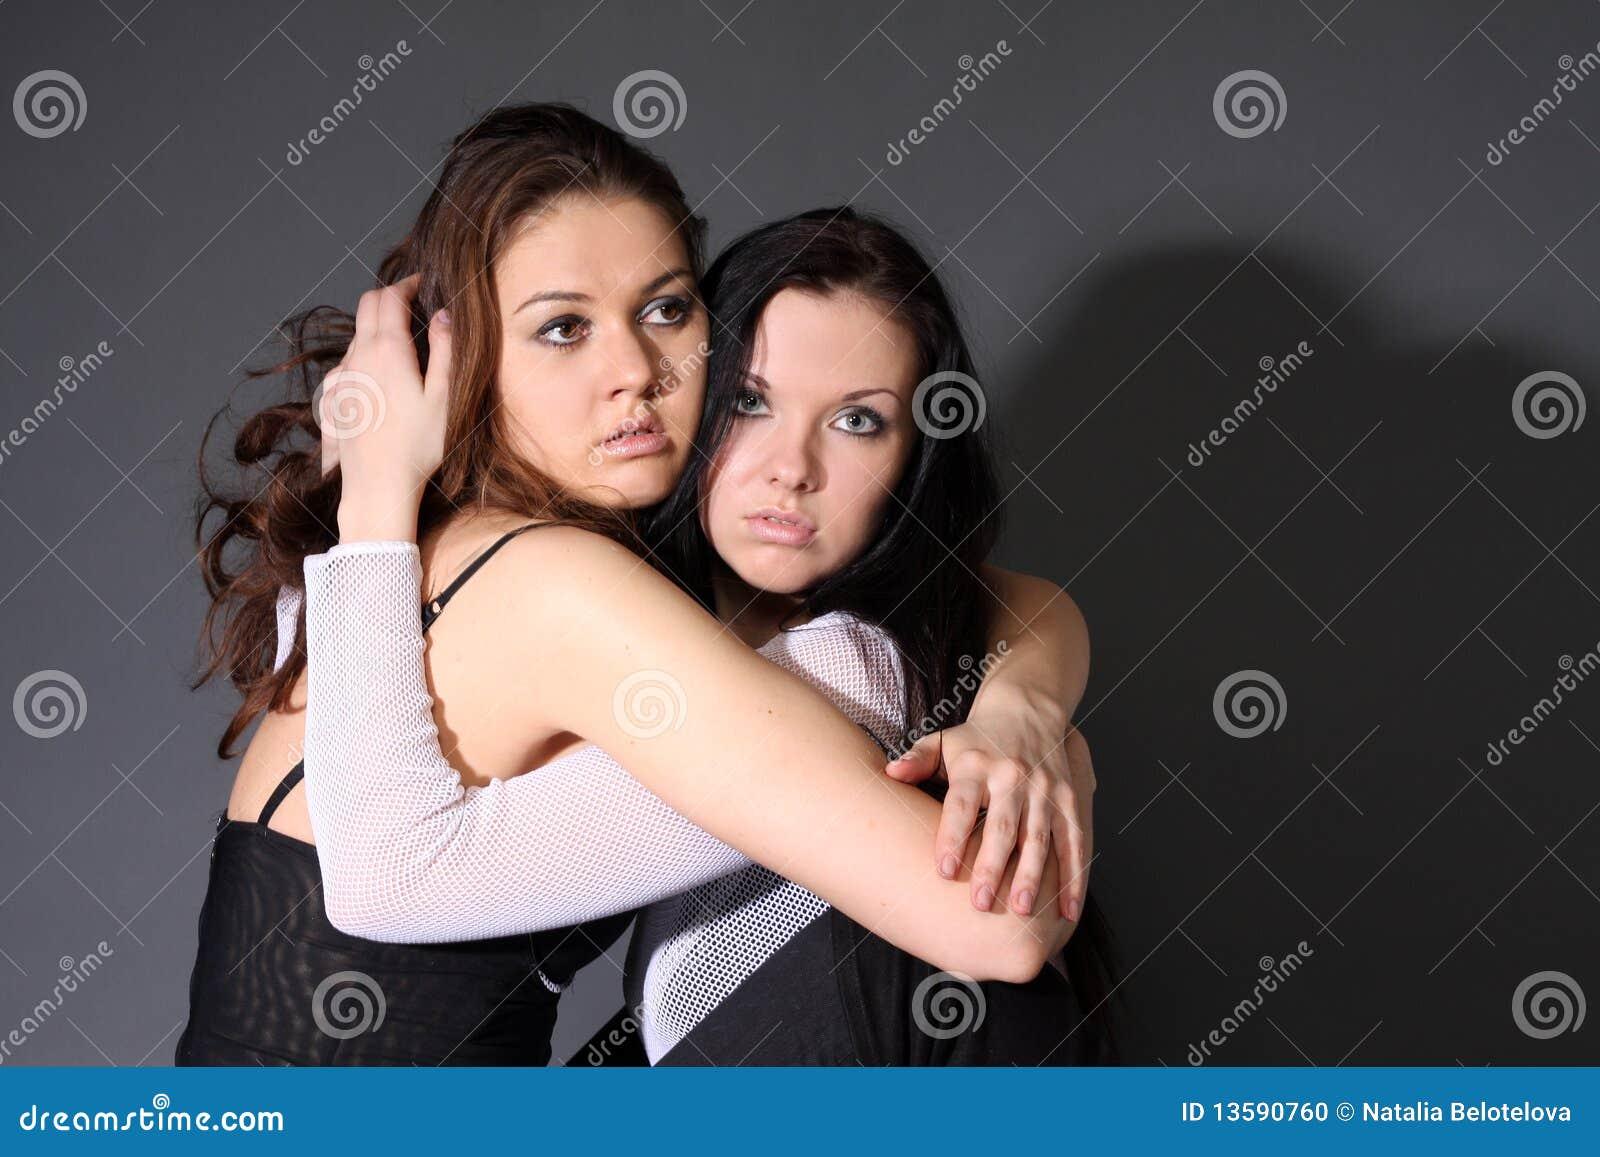 jonge lesbische pic